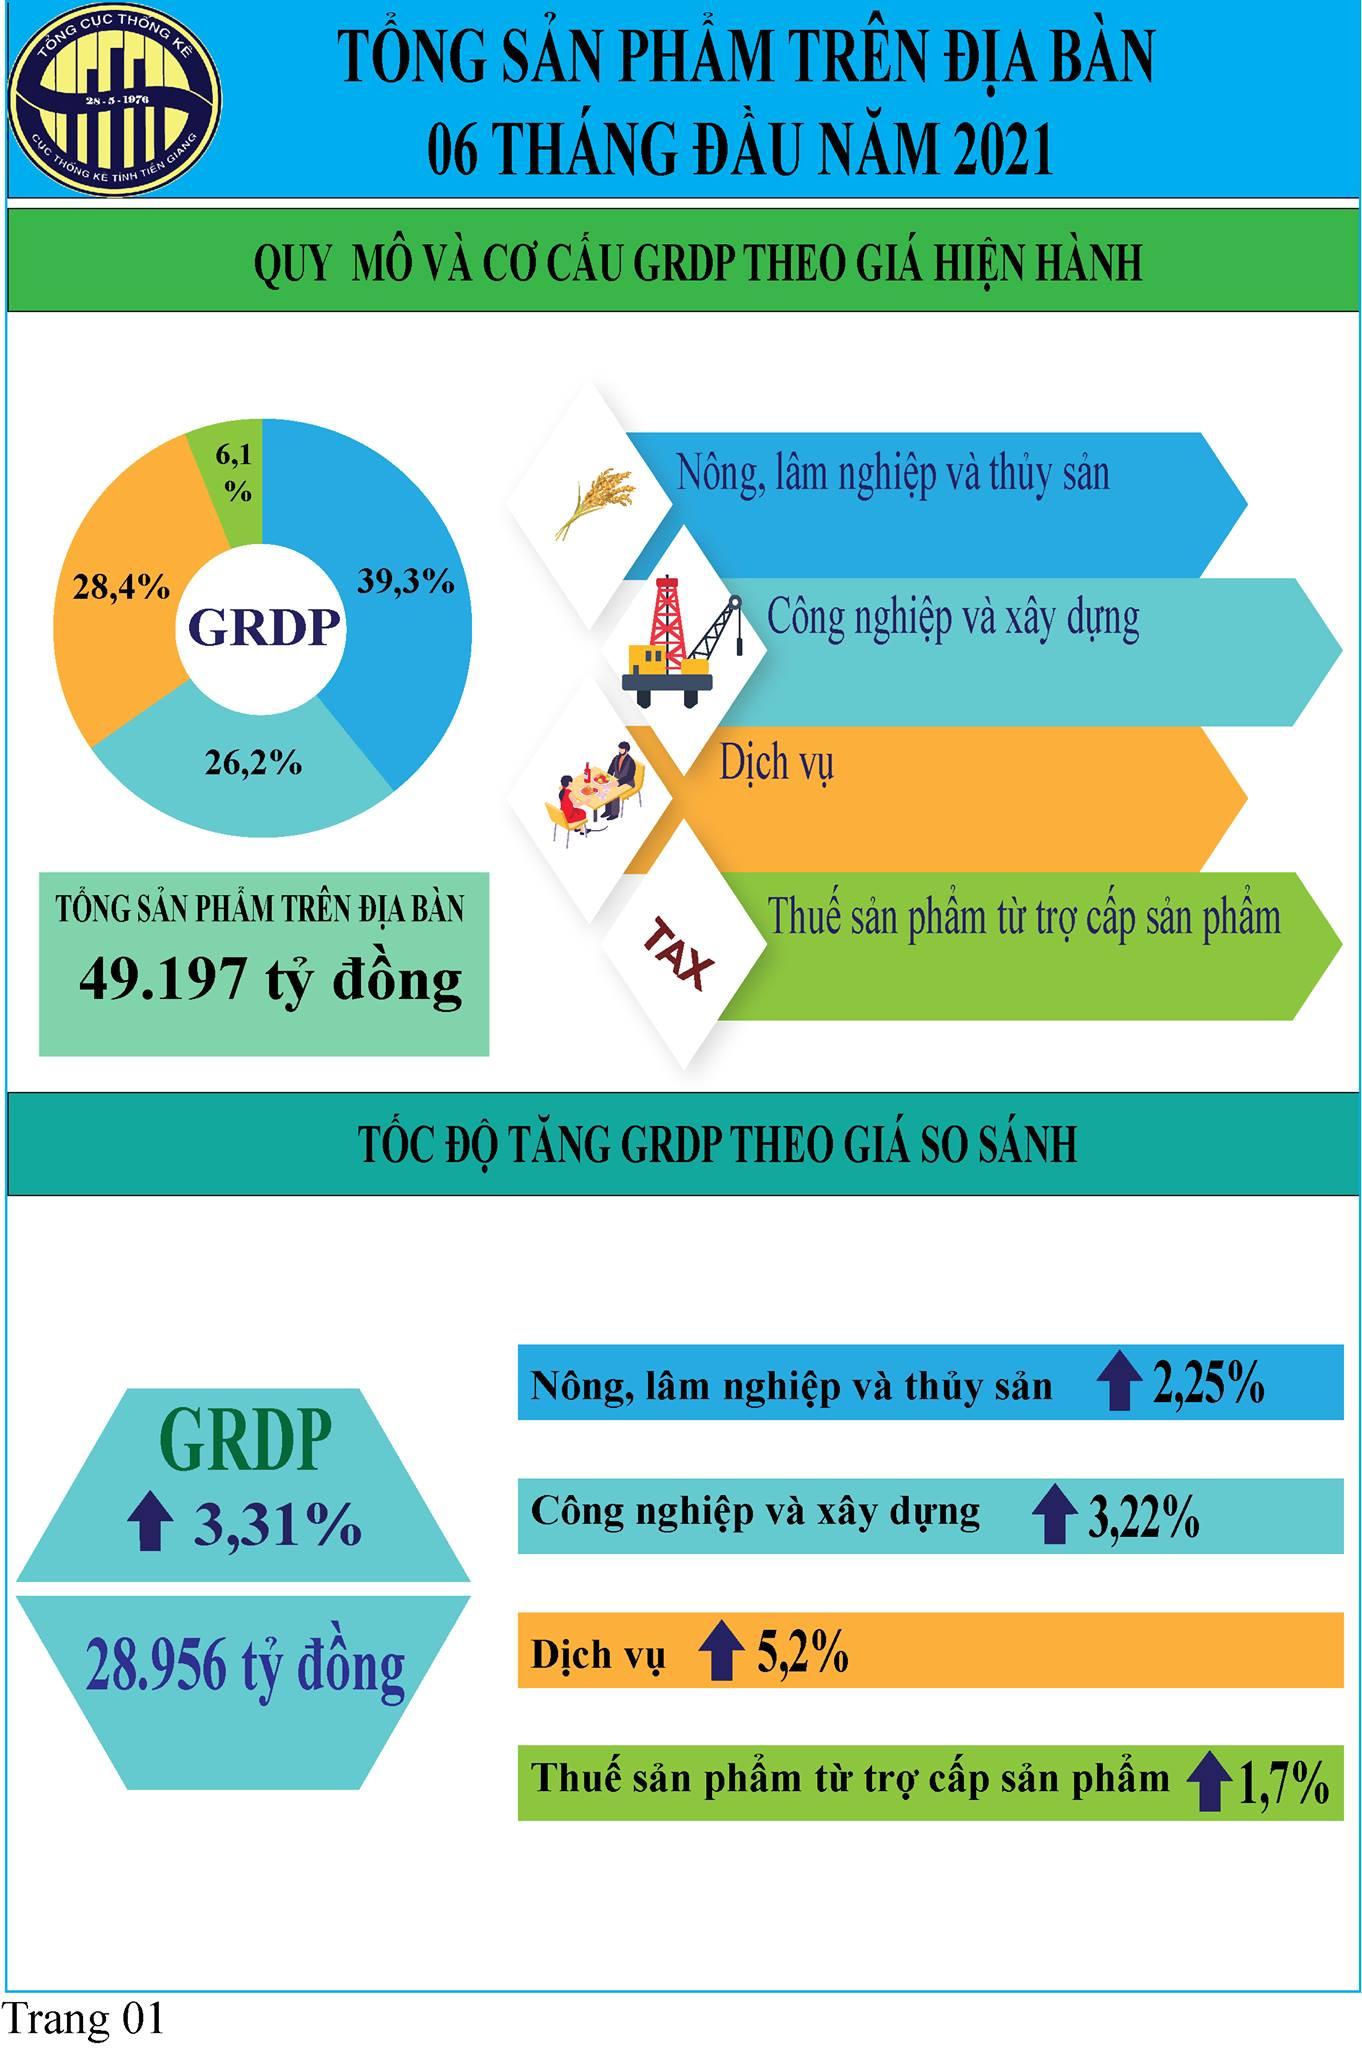 Infographic Tóm tắt tình hình kinh tế - xã hội tỉnh Tiền Giang 6 tháng đầu năm 2021